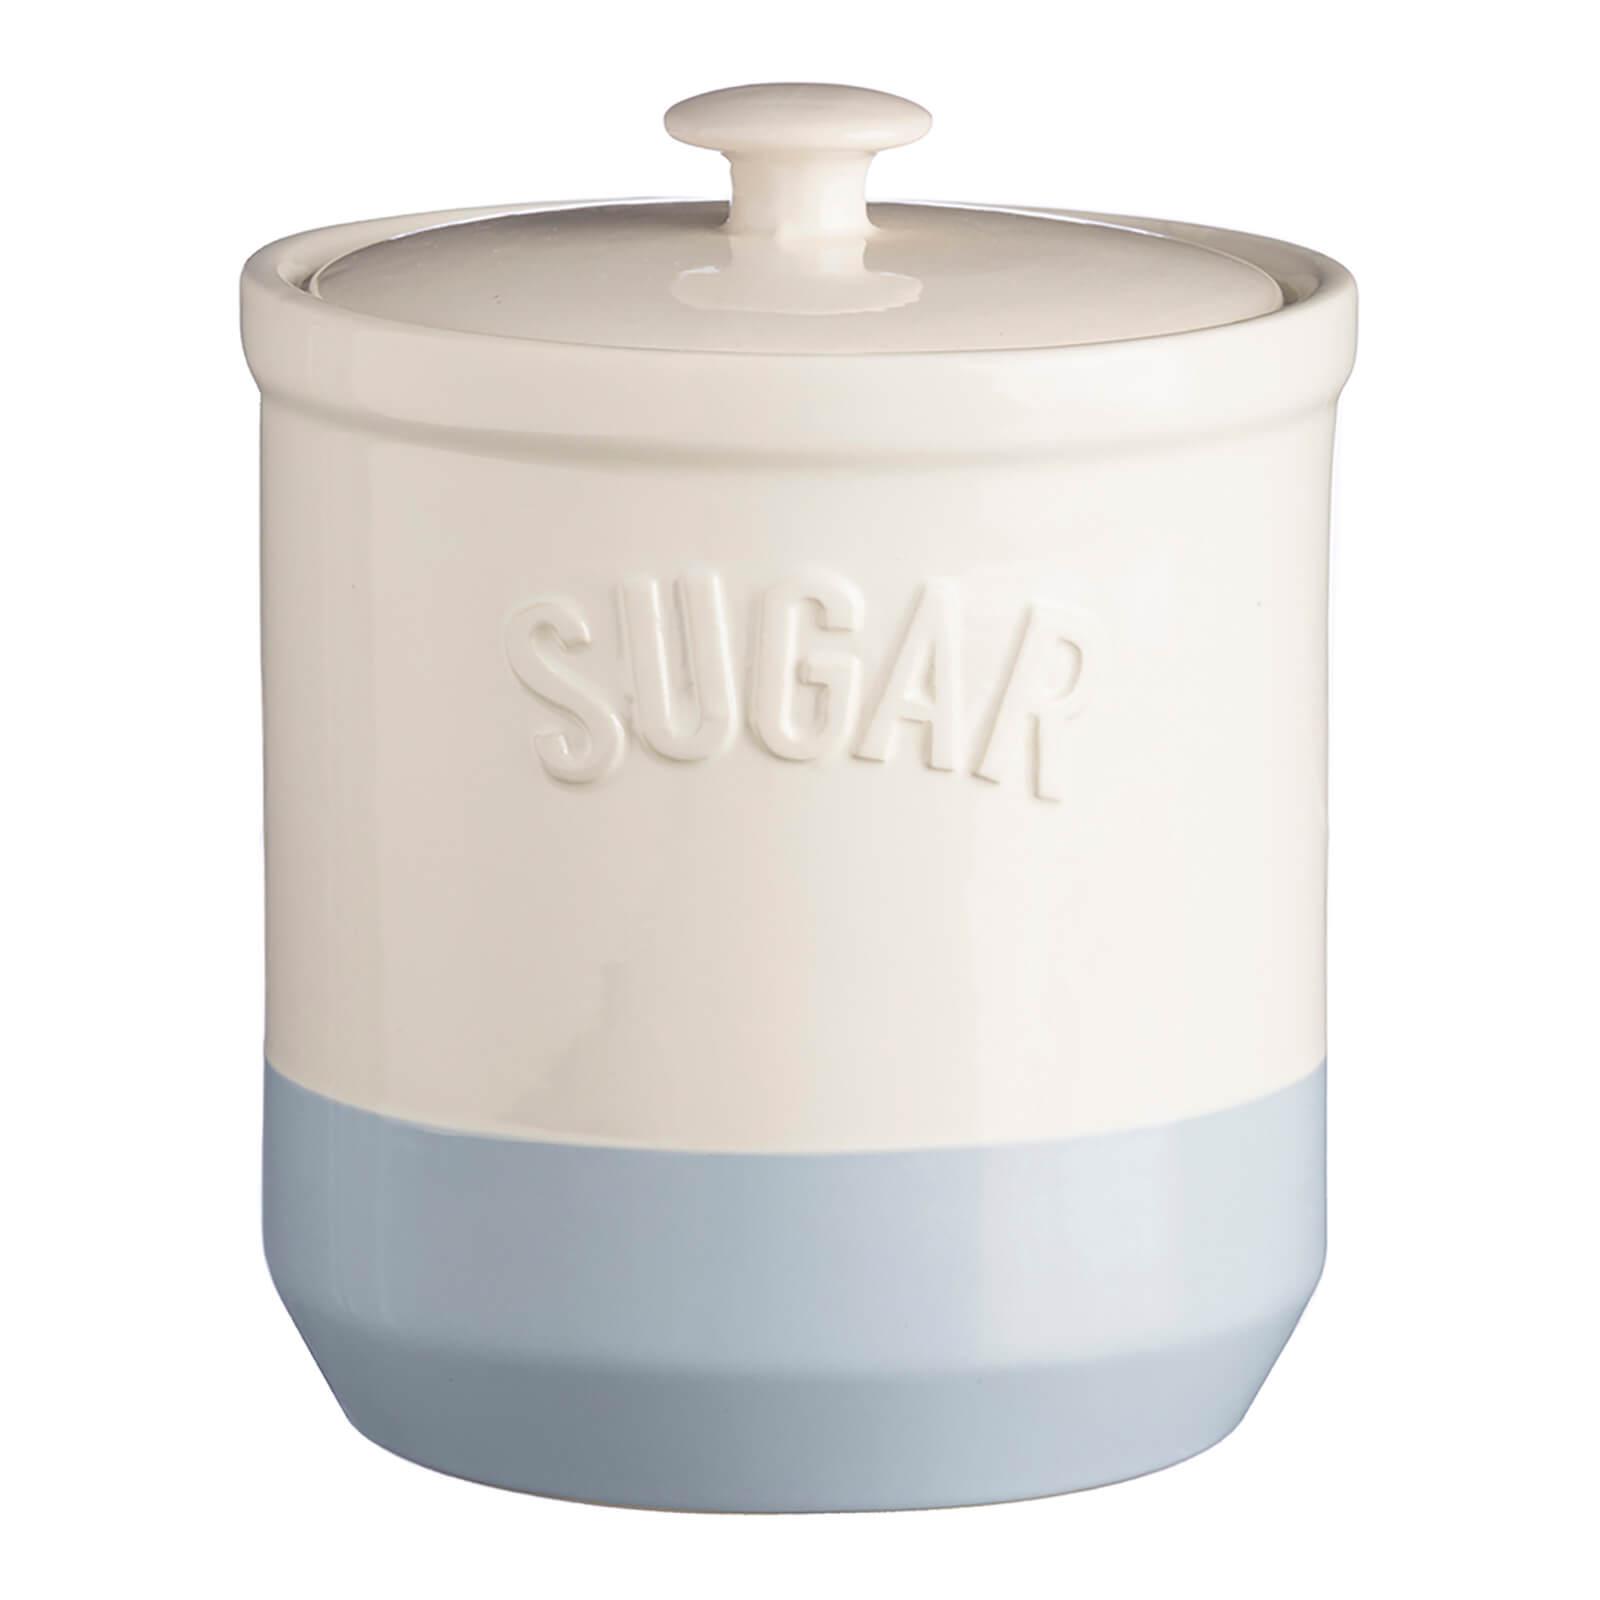 Mason Cash Bakewell Sugar Jar - Cream